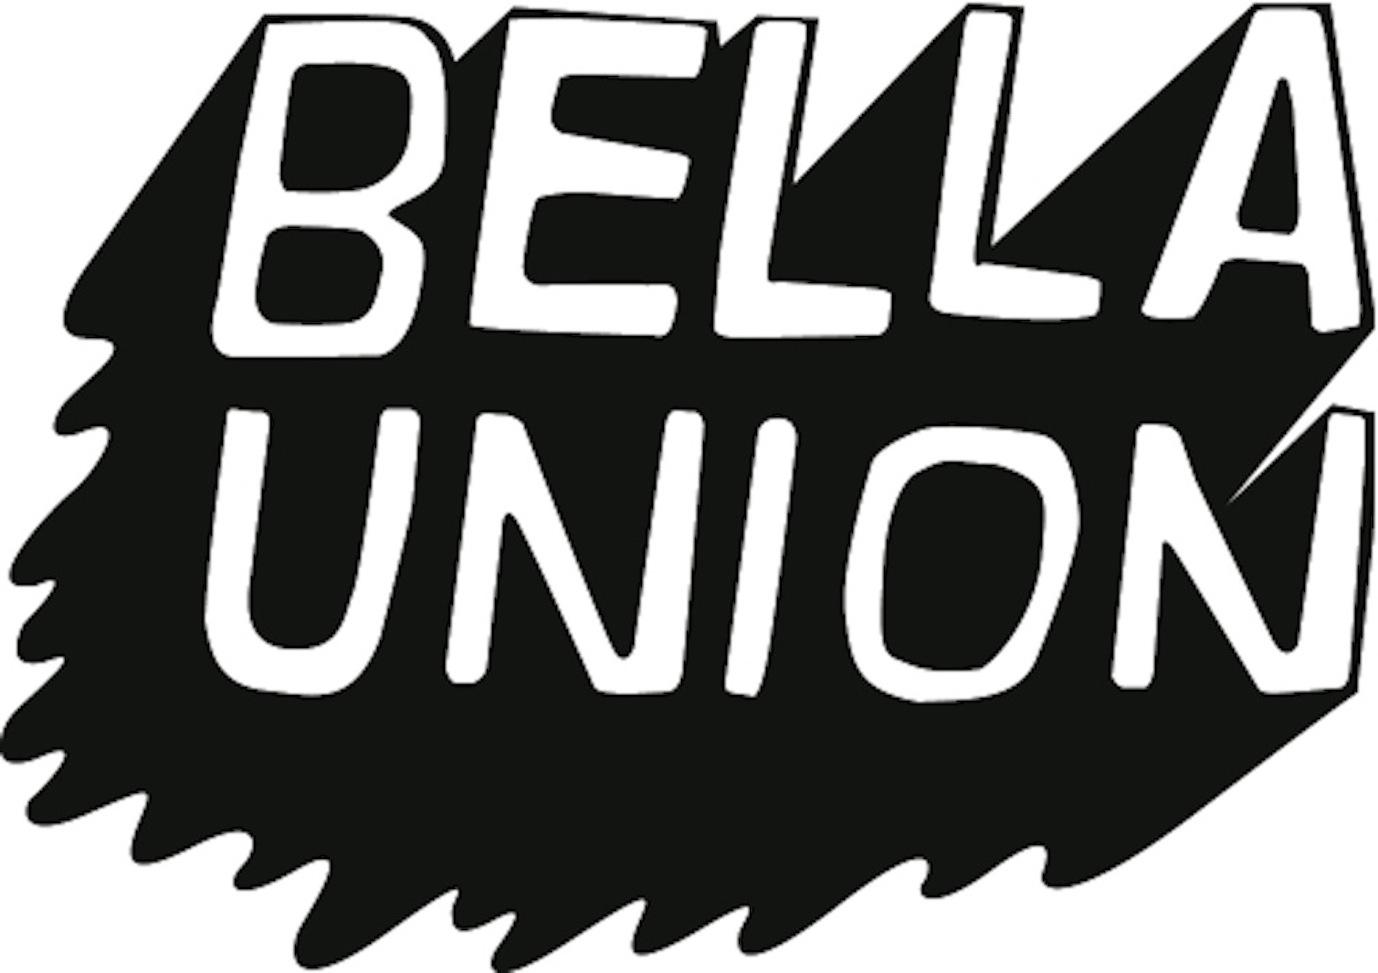 Bella Union - 20th Anniversary